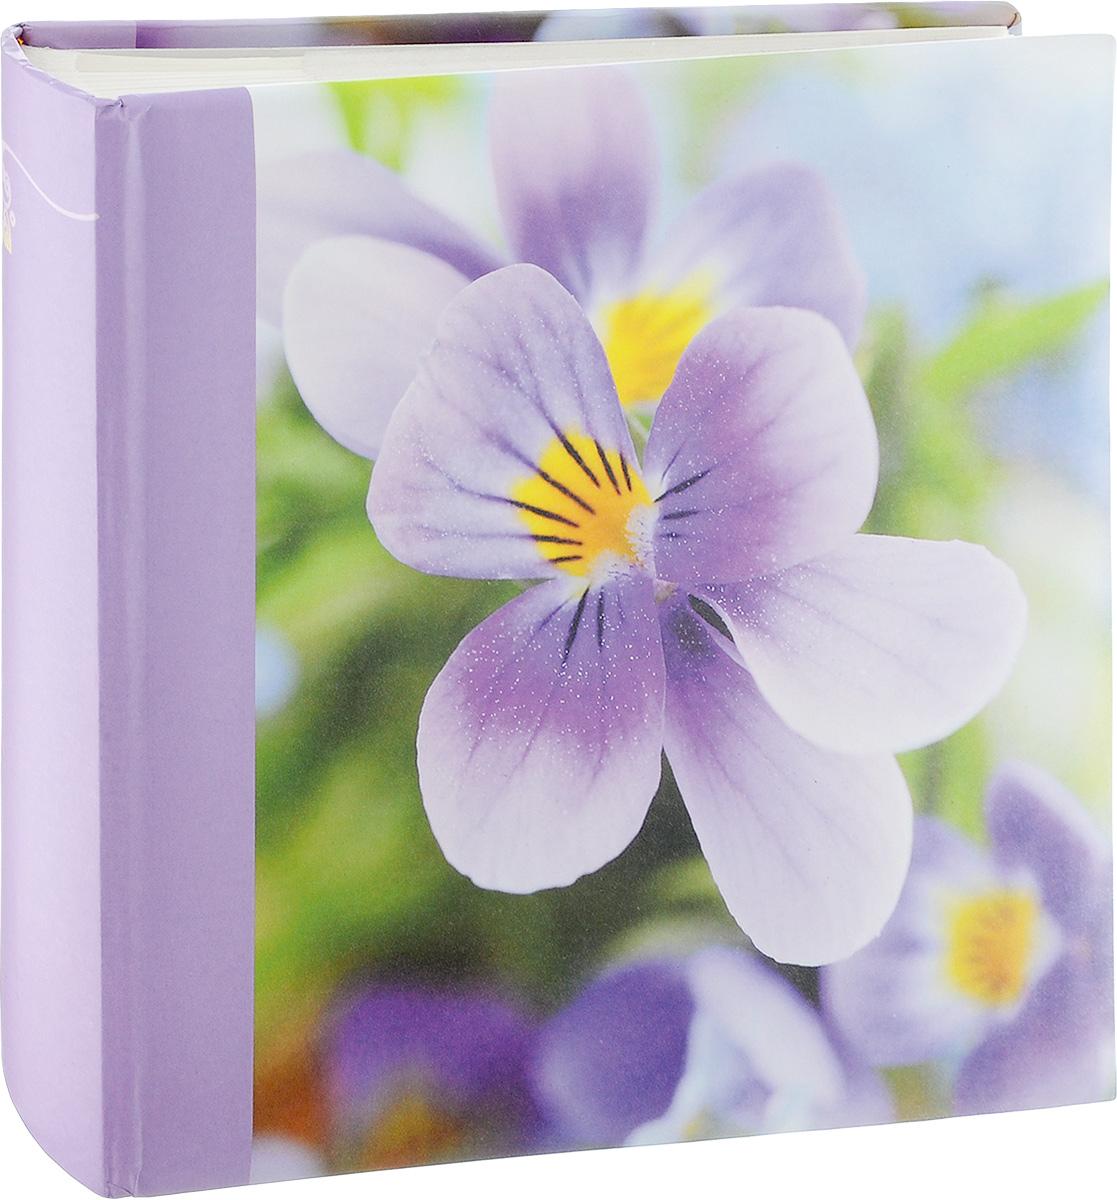 Фотоальбом Pioneer Breathe, 200 фотографий, цвет: сиреневый, 10 x 15 см6113MФотоальбом Pioneer Breathe позволит вам запечатлеть незабываемые моменты вашей жизни, сохранить свои истории и воспоминания на его страницах. Обложка из толстого картона, оформлена изображением цветка. Фотоальбом рассчитан на 200 фотографии форматом 10 x 15 см. На каждом развороте одну страницу занимают поля для заполнения, другую - кармашки для фотографий. Такой необычный фотоальбом позволит легко заполнить страницы вашей истории, и с годами ничего не забудется.Тип листов: бумажные.Тип переплета: книжный.Кол-во фотографий: 200.Материалы, использованные в изготовлении альбома, обеспечивают высокое качество хранения ваших фотографий, поэтому фотографии не желтеют со временем.